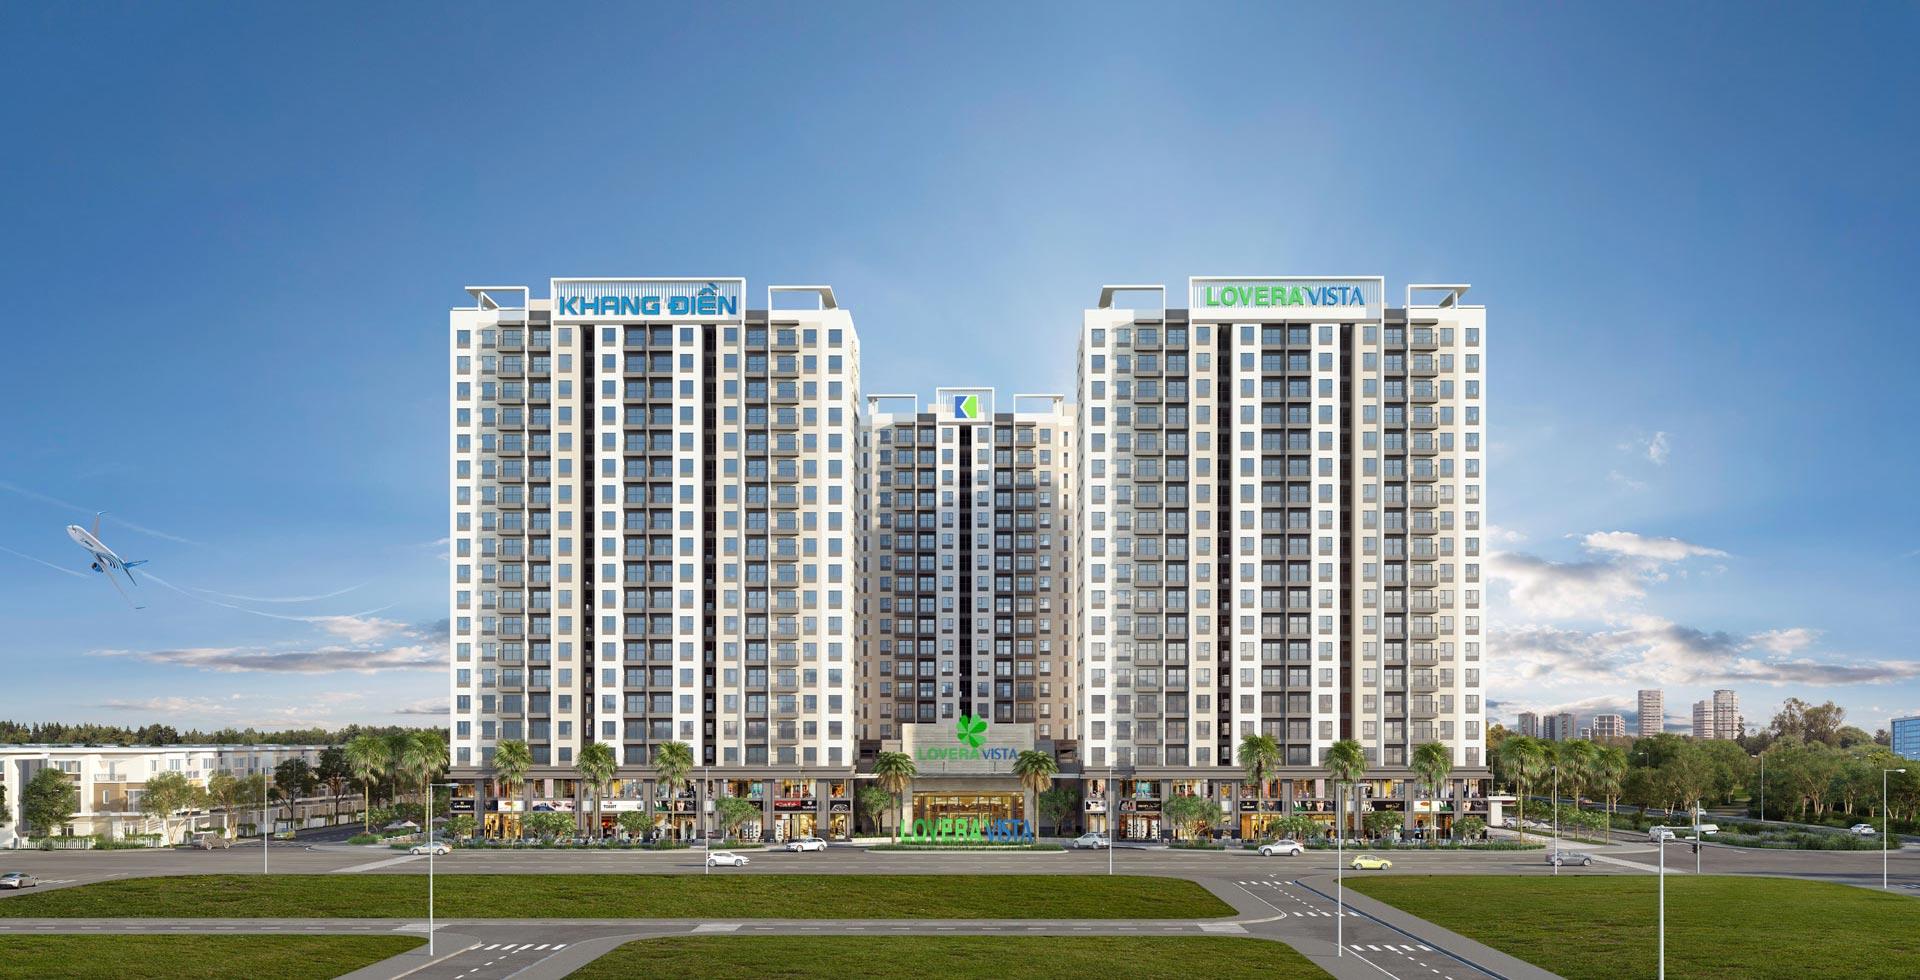 Năm 2019, Khang Điền tiếp tục mở rộng thị trường sang khu Nam TP HCM với dự án căn hộ Lovera Vista gồm 1310 căn, có giá bán dự kiến chỉ từ 1.5 tỷ/ căn 2 PN (chưa VAT), mở bán vào tháng 10-2019 - Khang Điền HCM